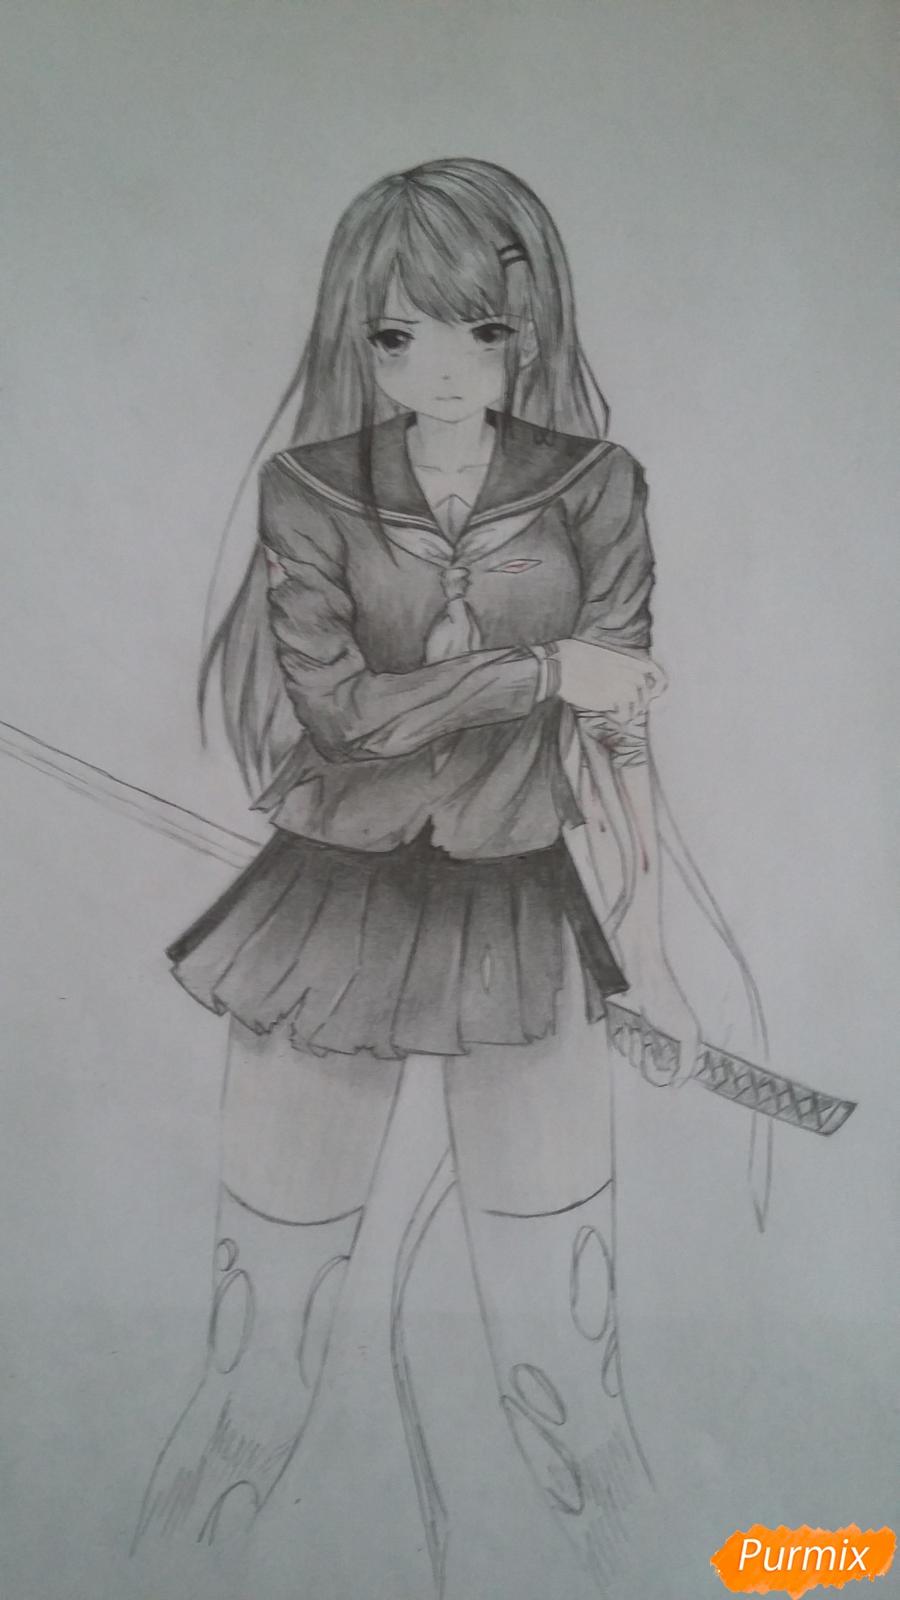 Рисуем девушку с катаной в аниме стиле - шаг 15